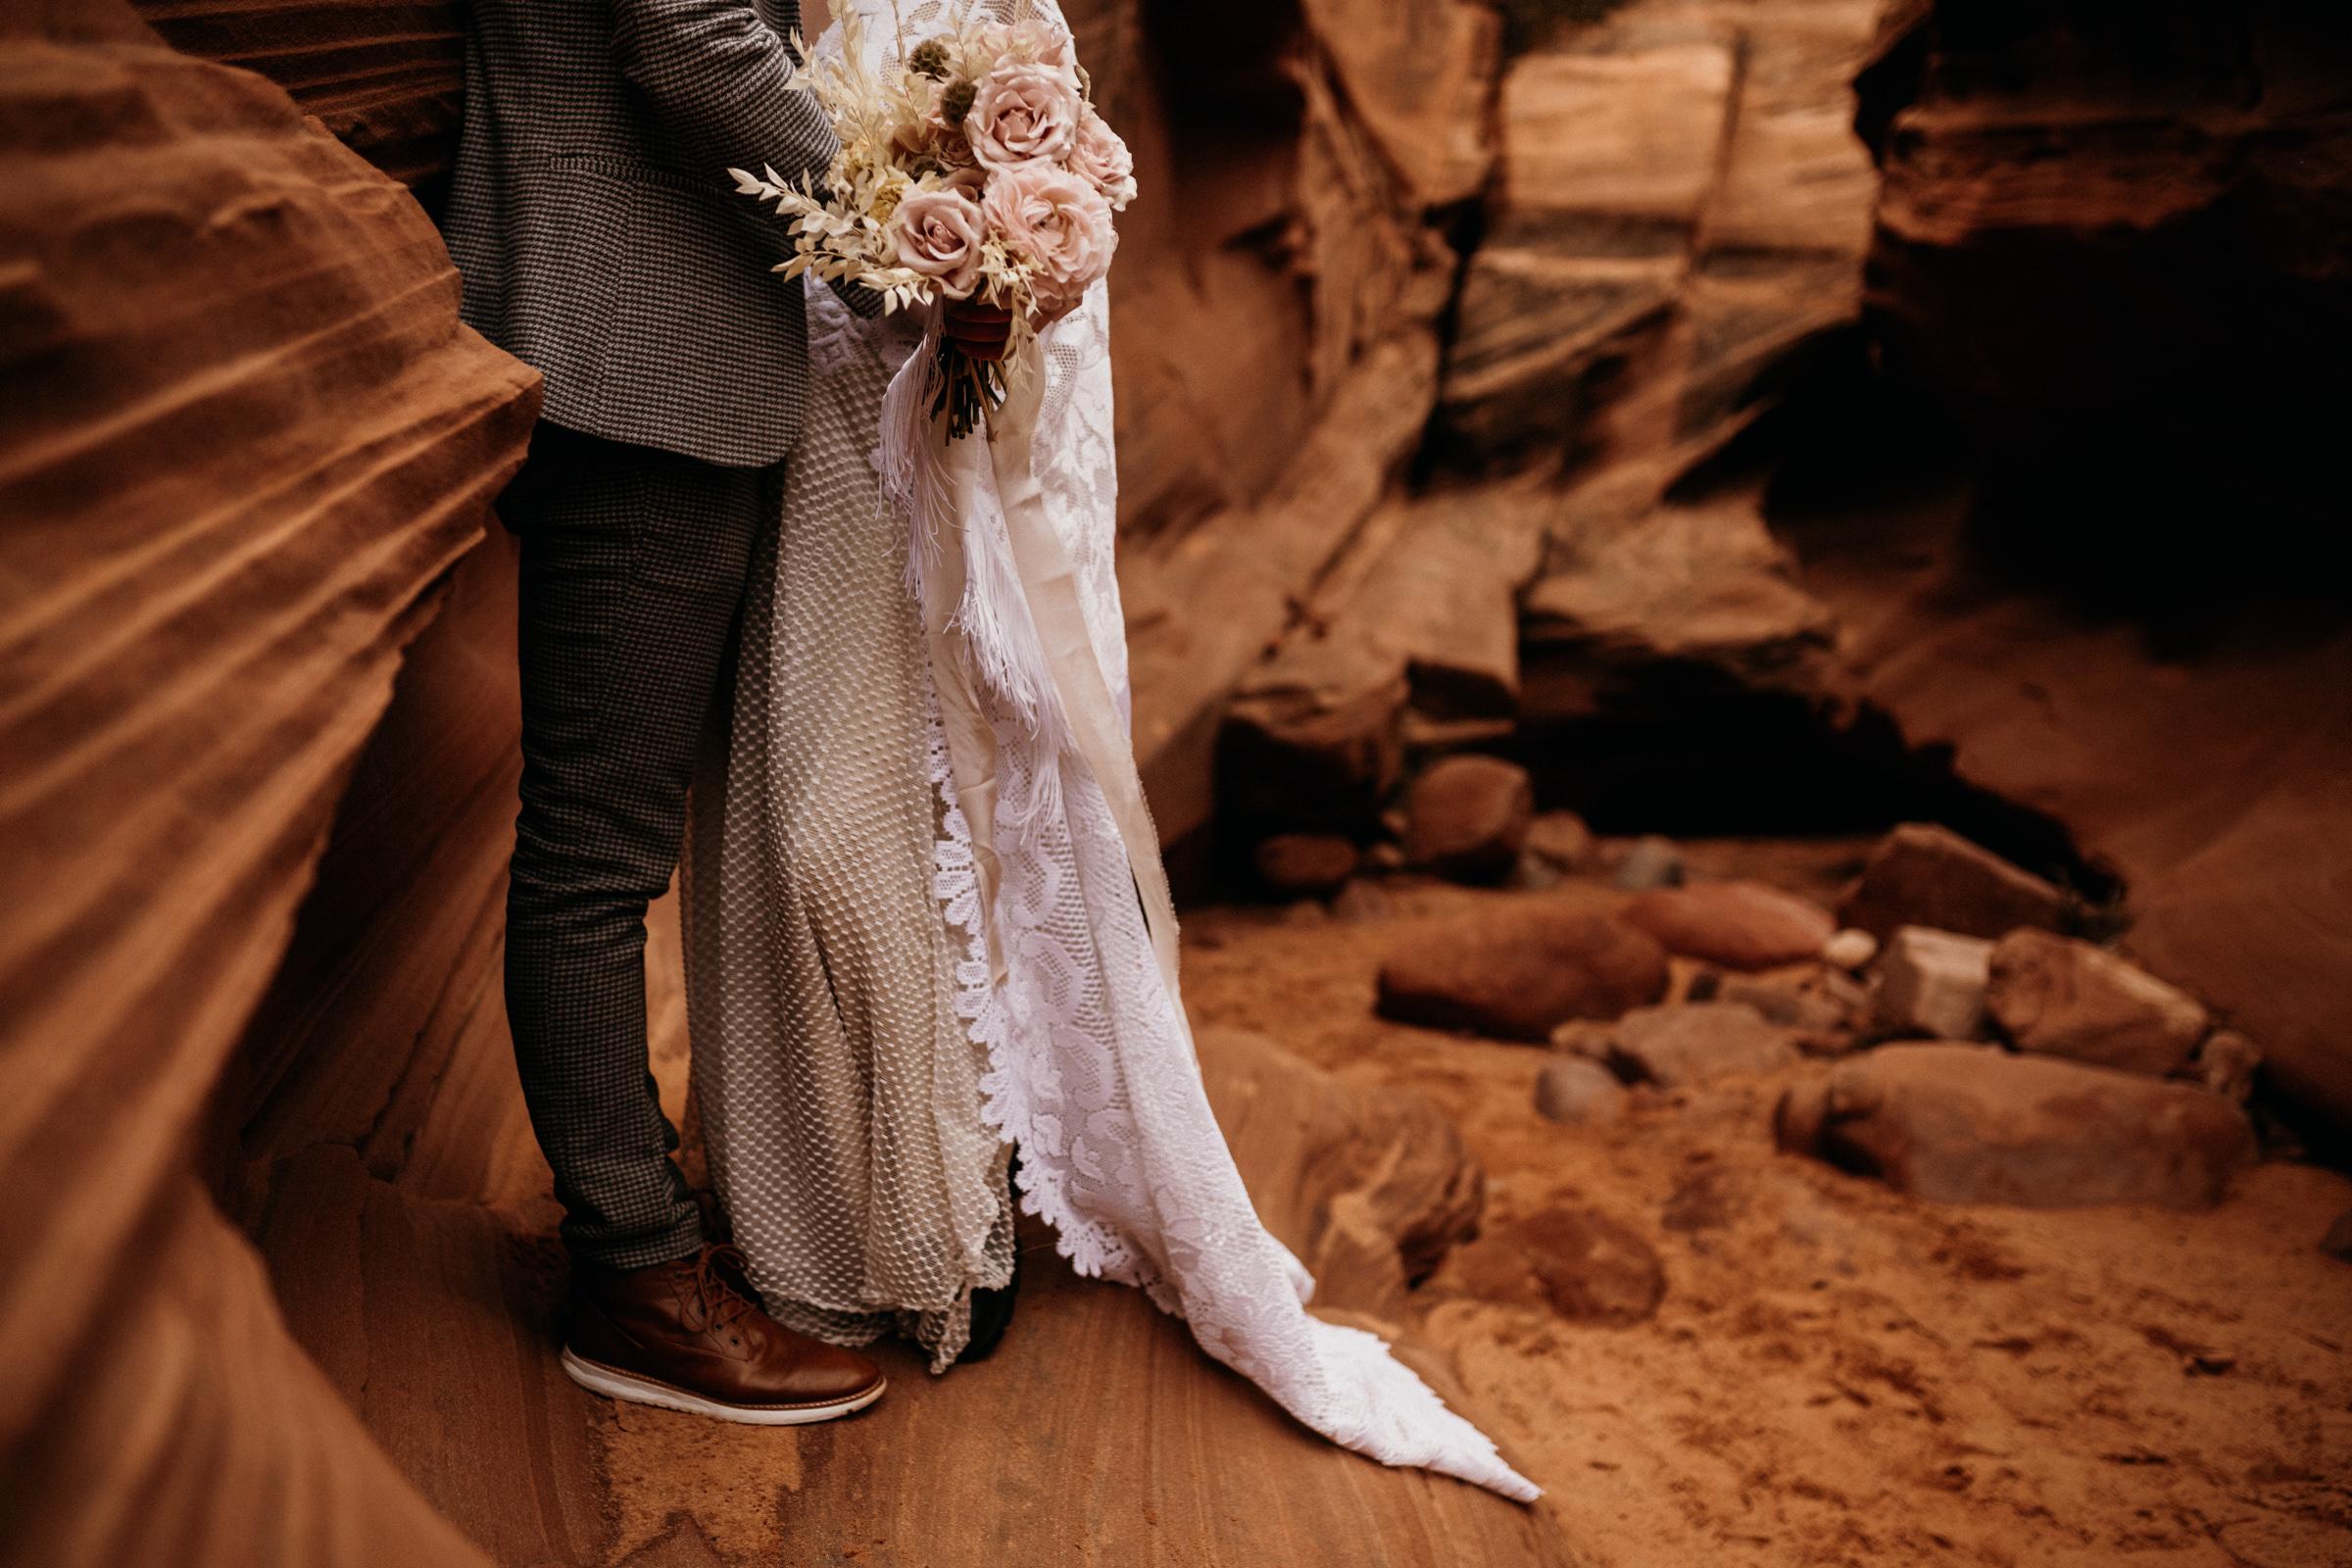 boho-wedding-details-in-desert.jpg